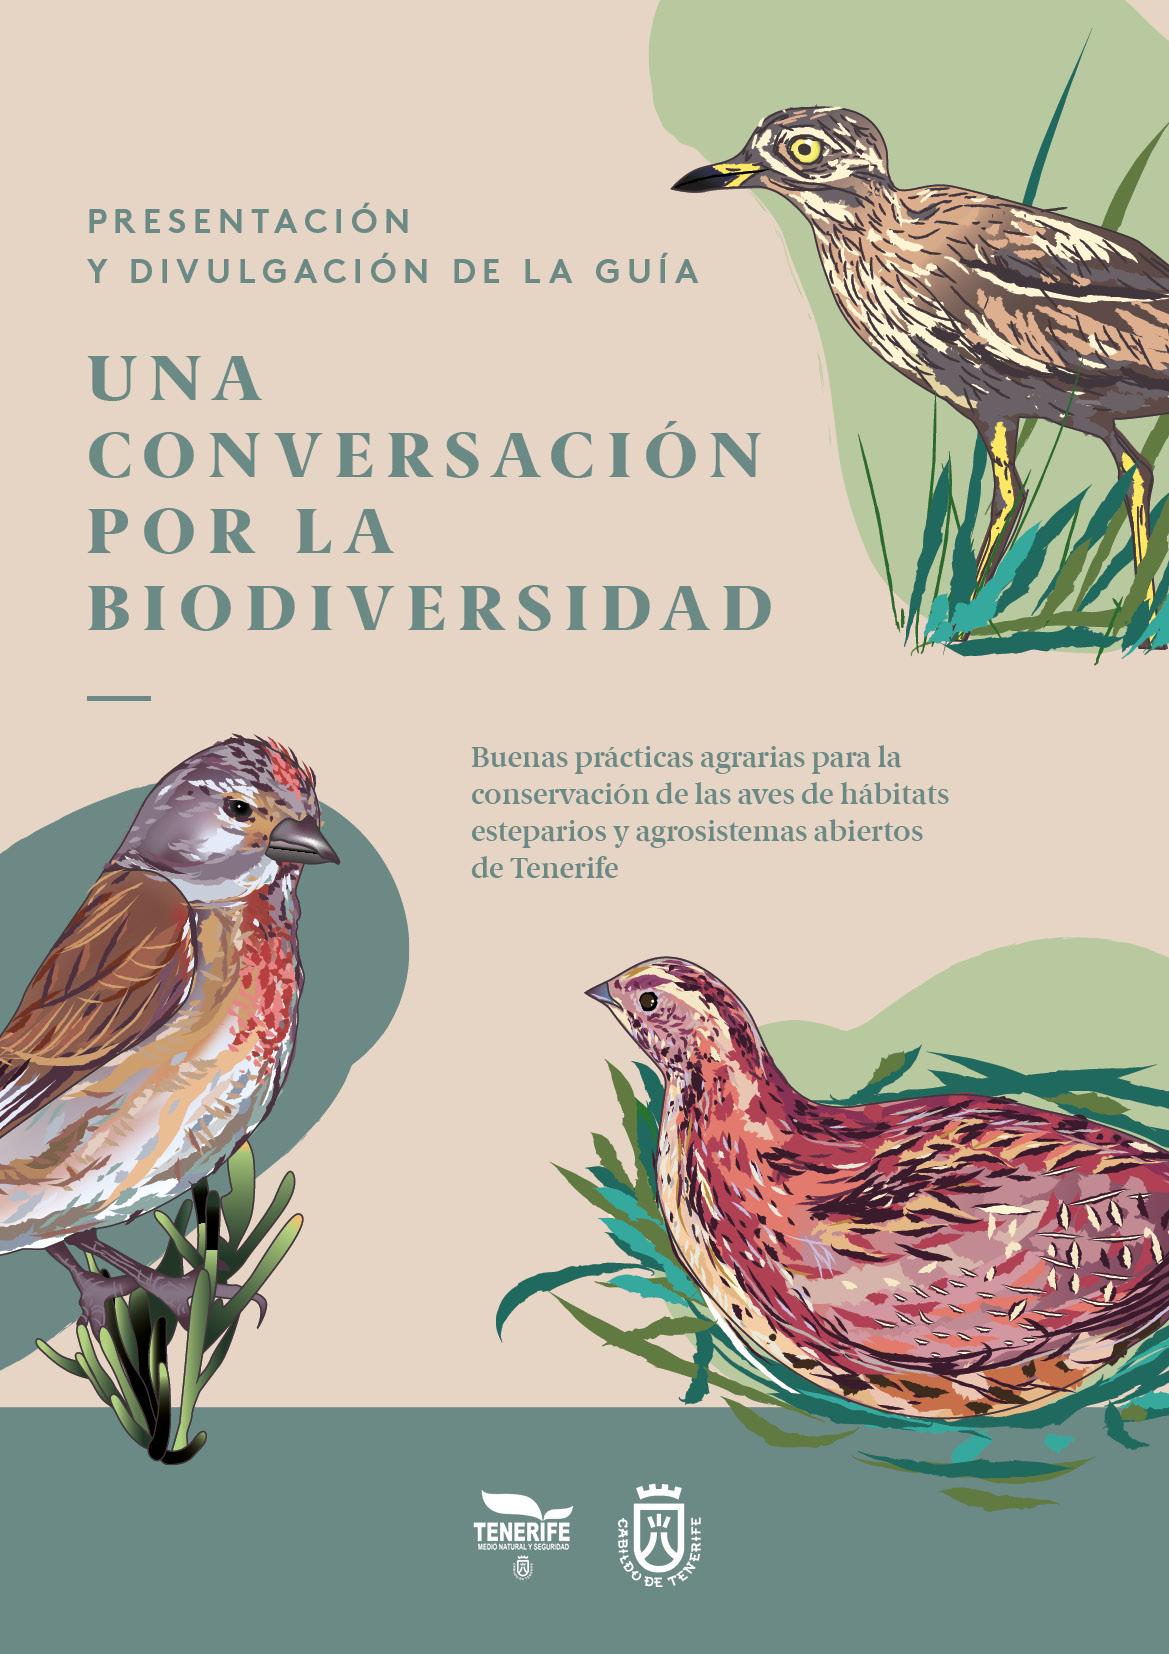 El Cabildo de Tenerife presenta una guía para la conservación de aves esteparias